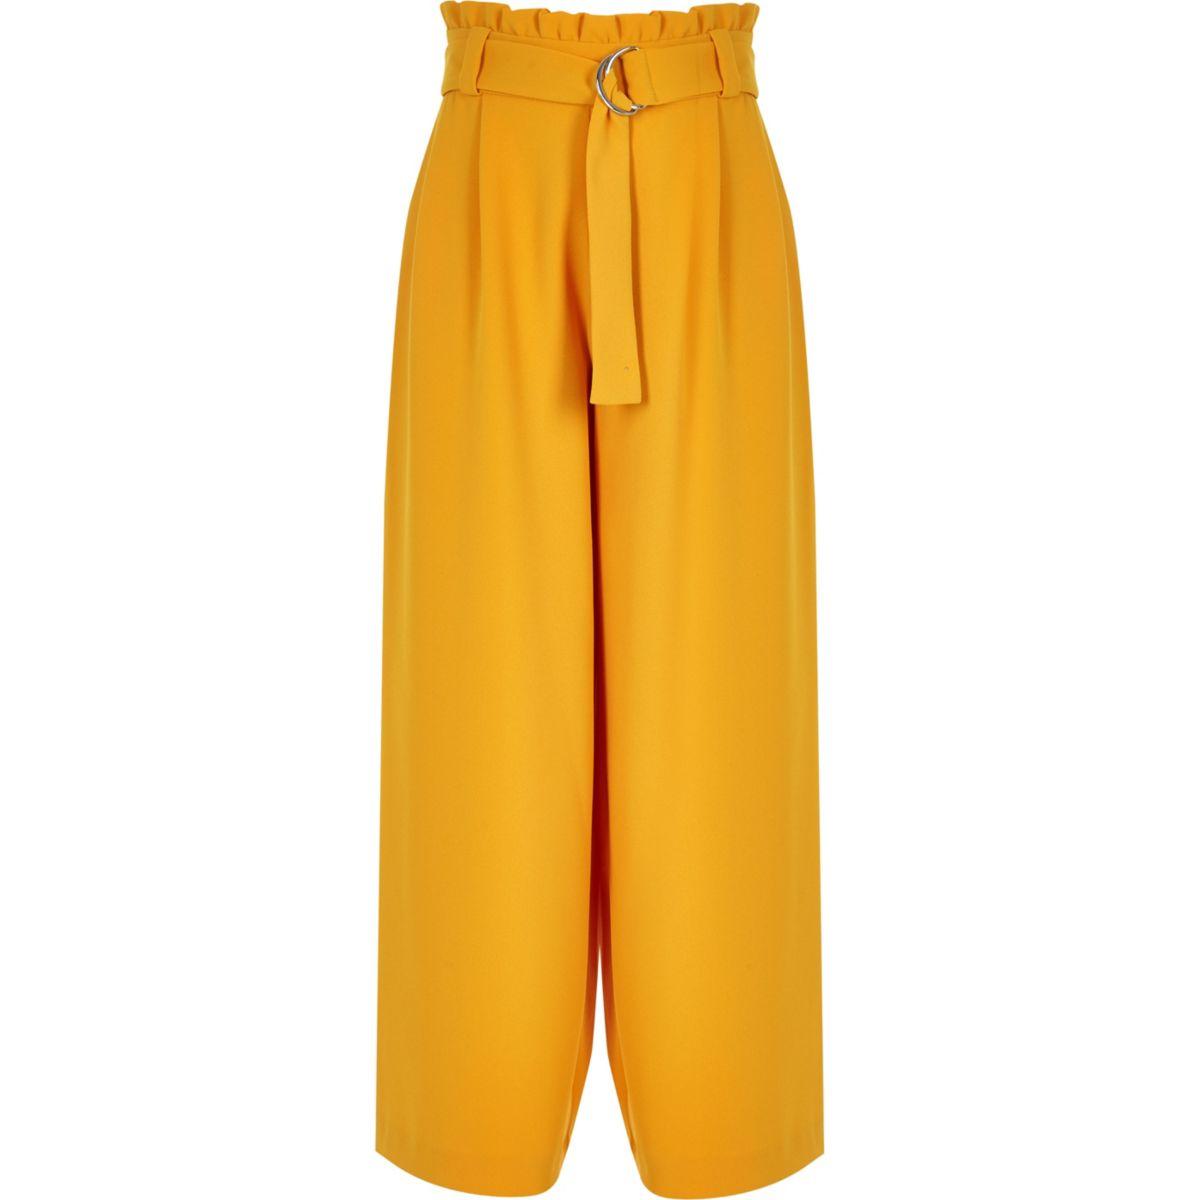 Gelbe Hose mit weitem Beinschnitt